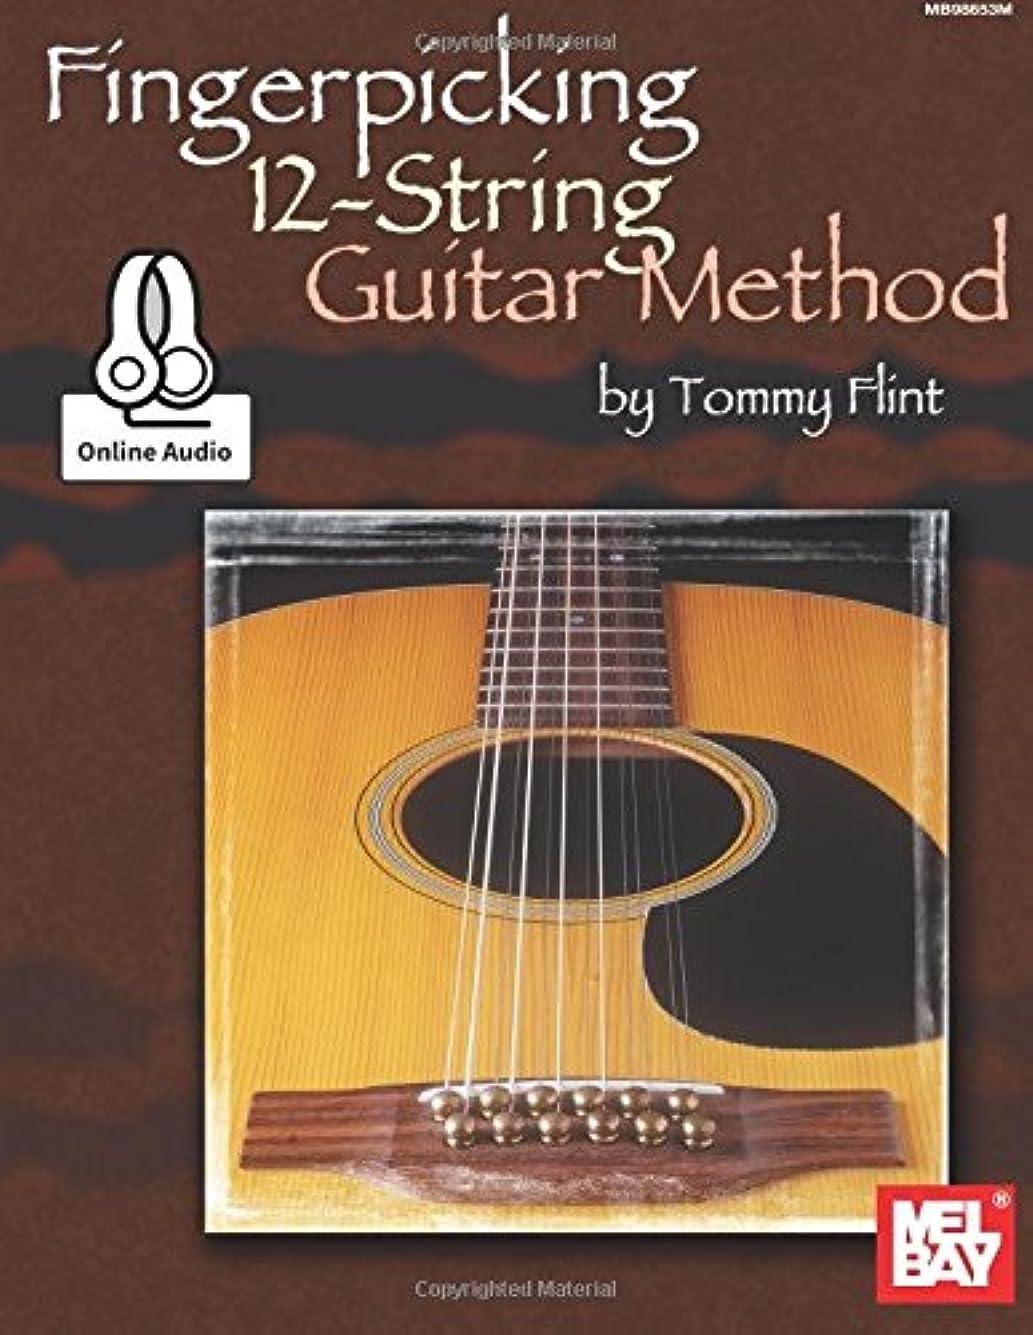 おじいちゃんカナダお茶Fingerpicking 12-string Guitar Method: Includes Online Audio